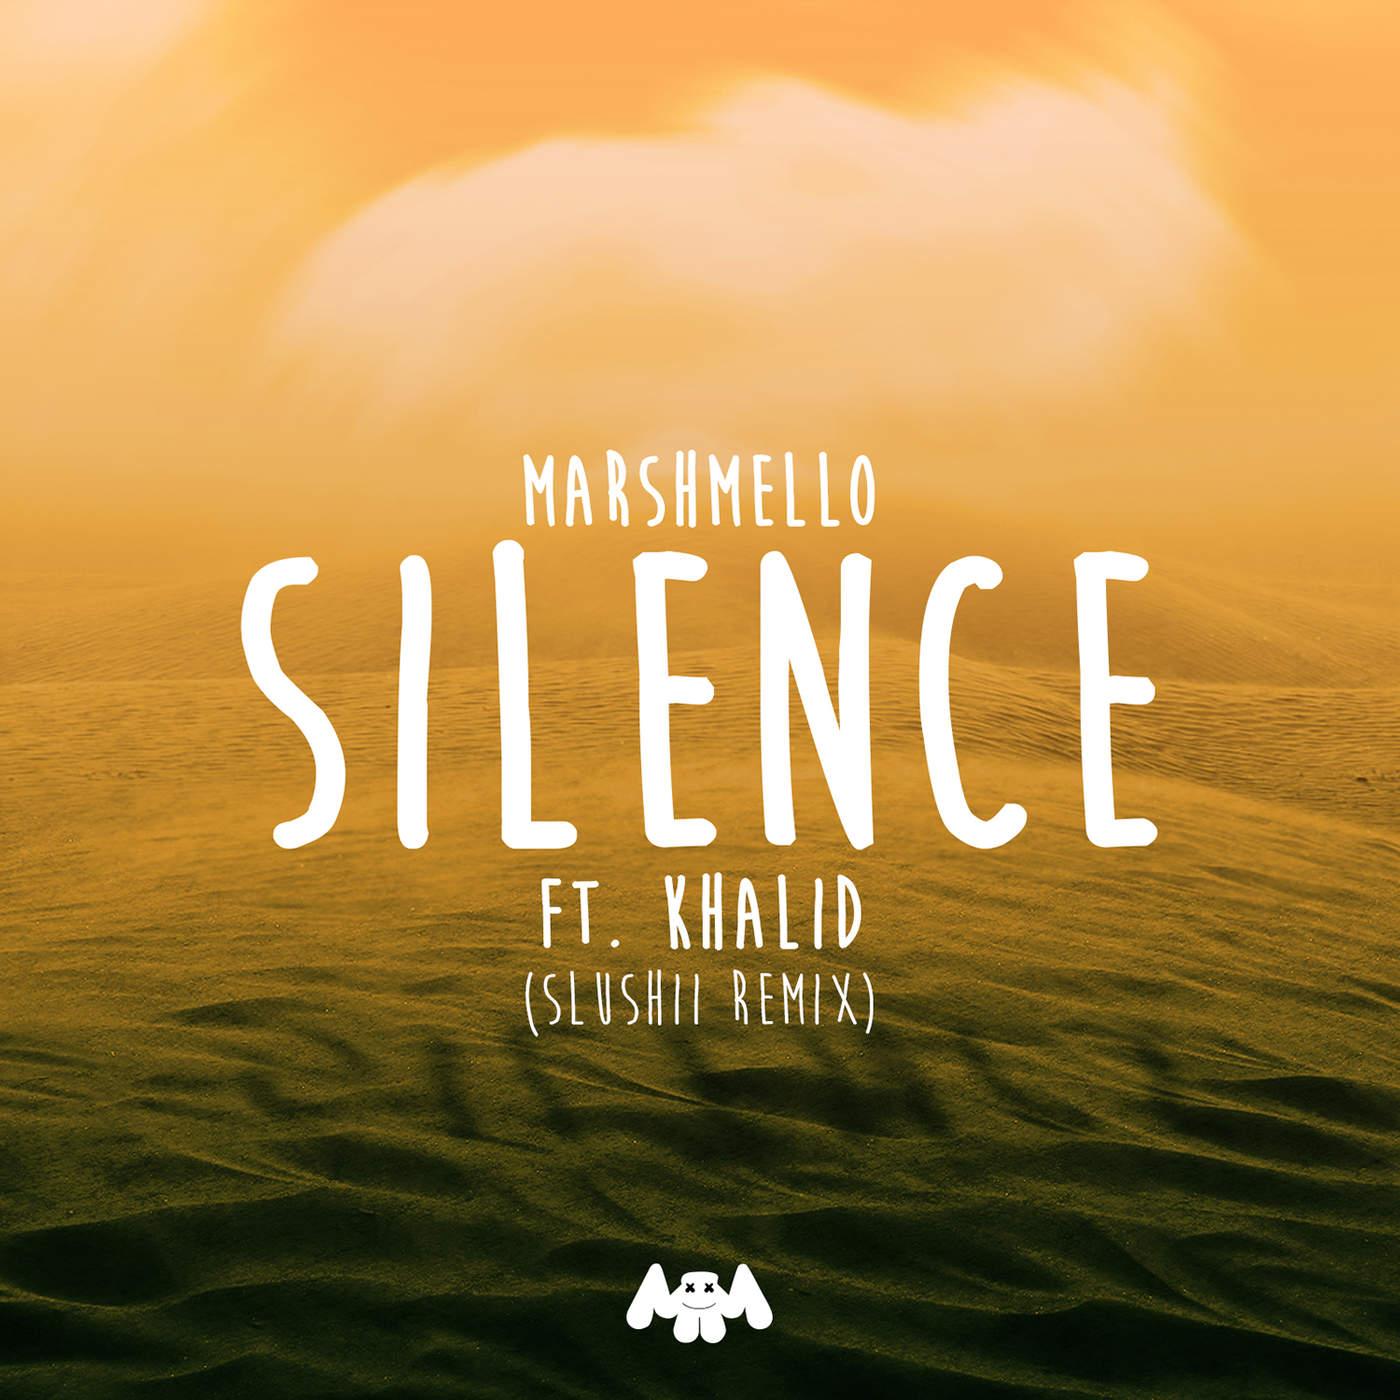 Marshmello, Khalid & Slushii - Silence (Slushii Remix) - Single